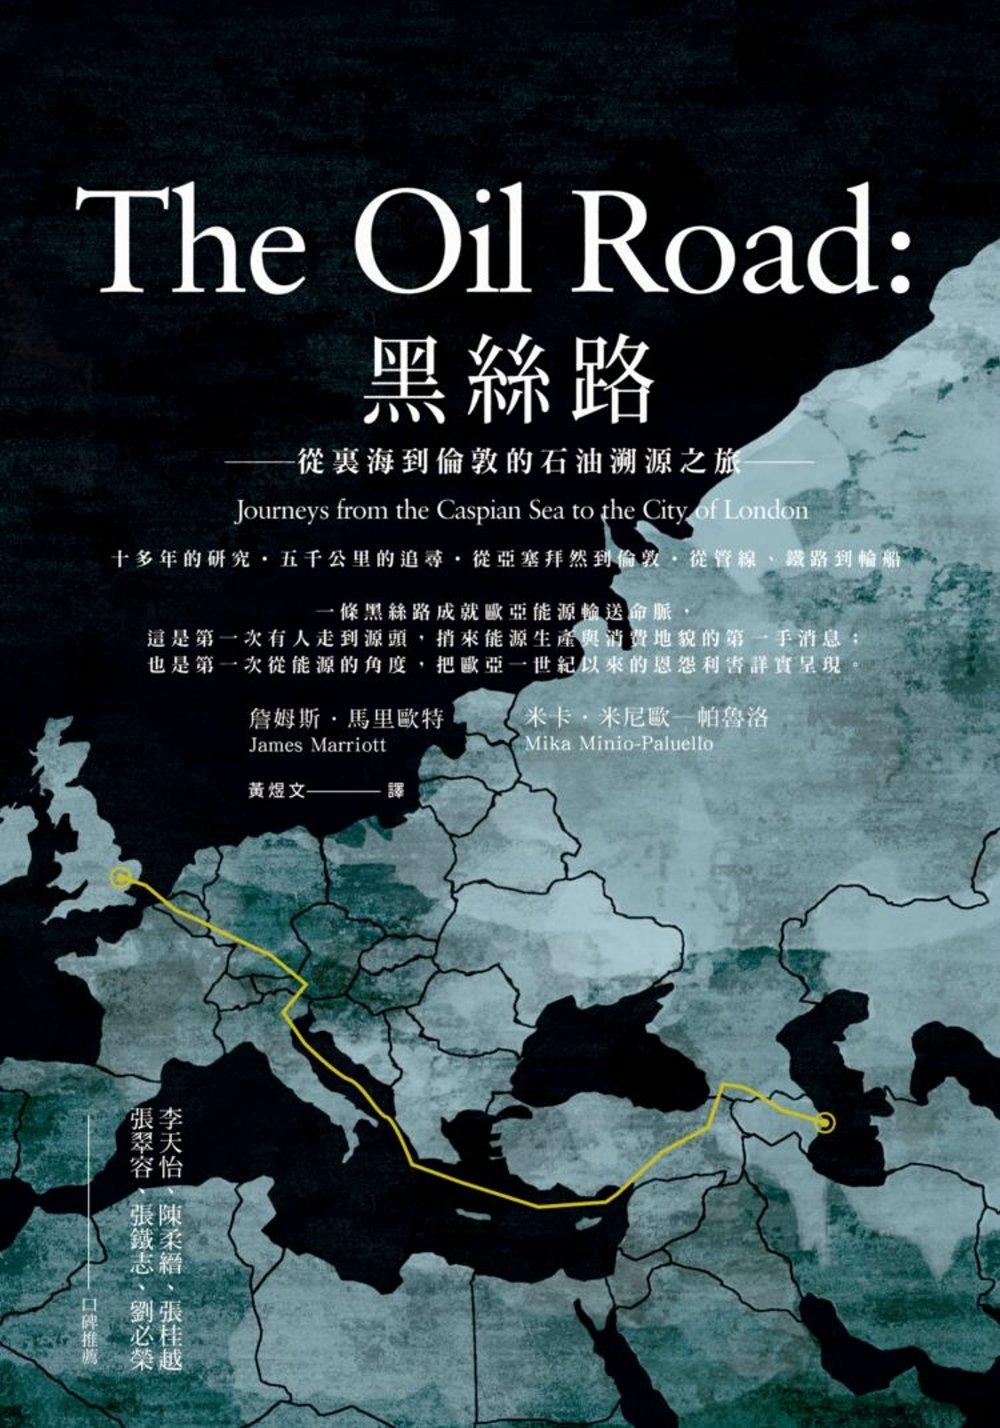 黑絲路:從裏海到倫敦的石油溯源之旅